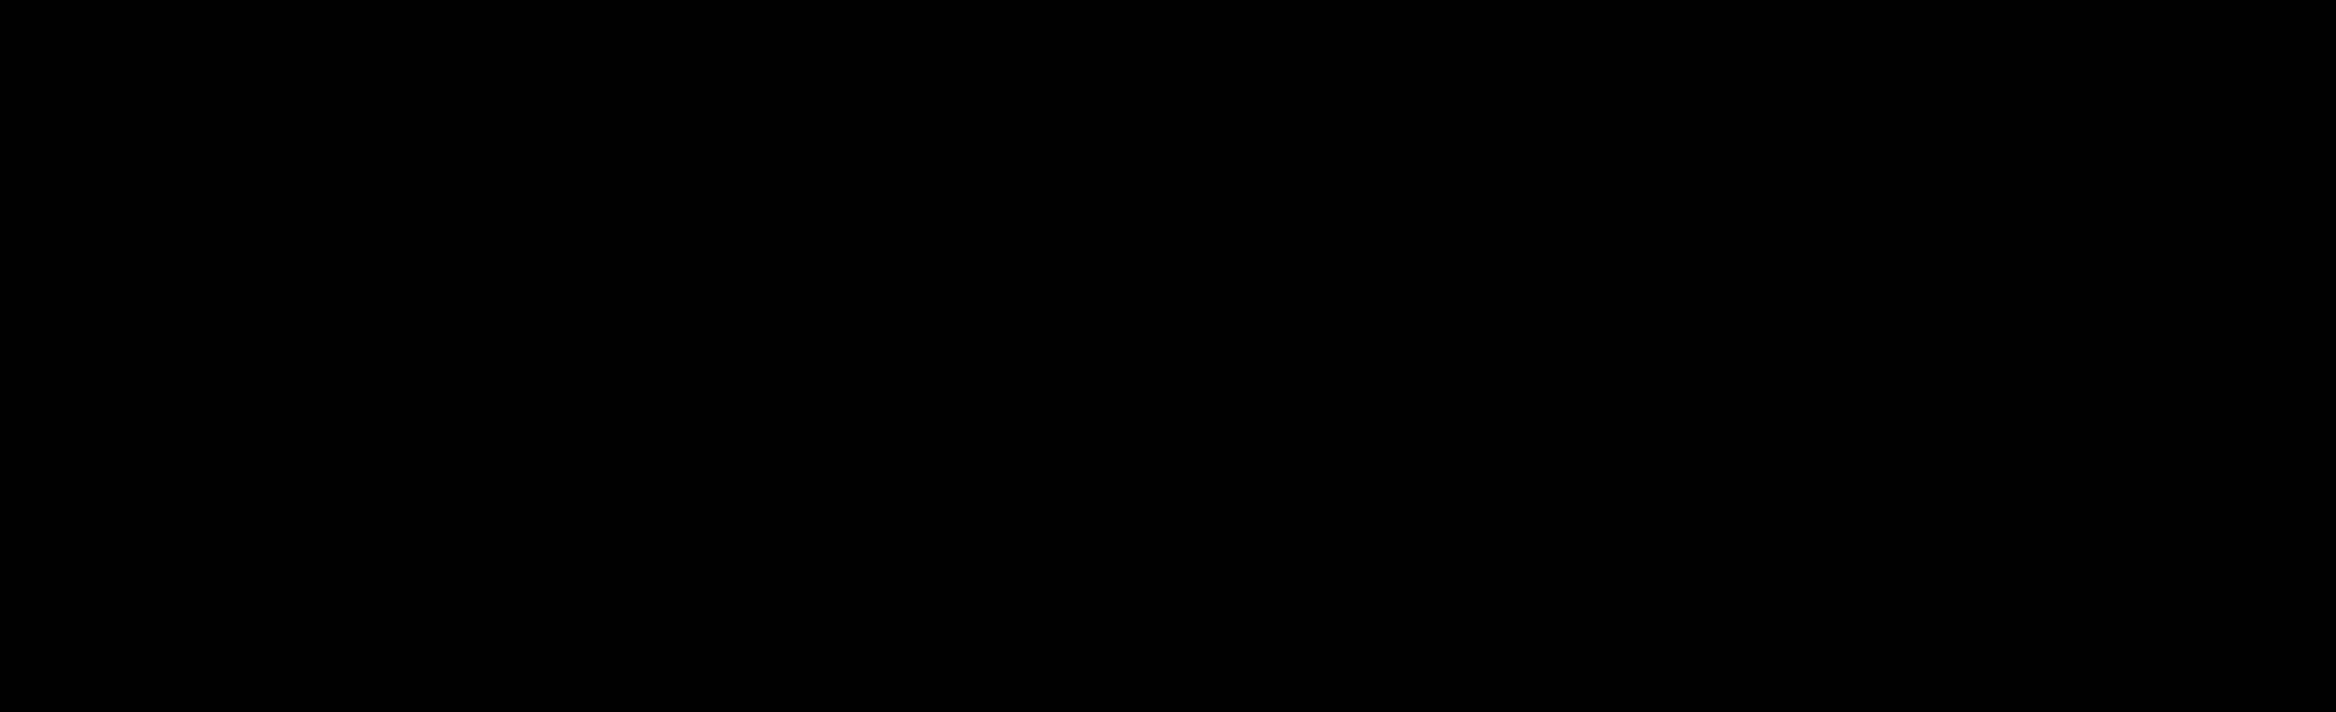 6-O-Dansyl-N-acetyl-<sup>13</sup>C<sub>2</sub> glucosamine